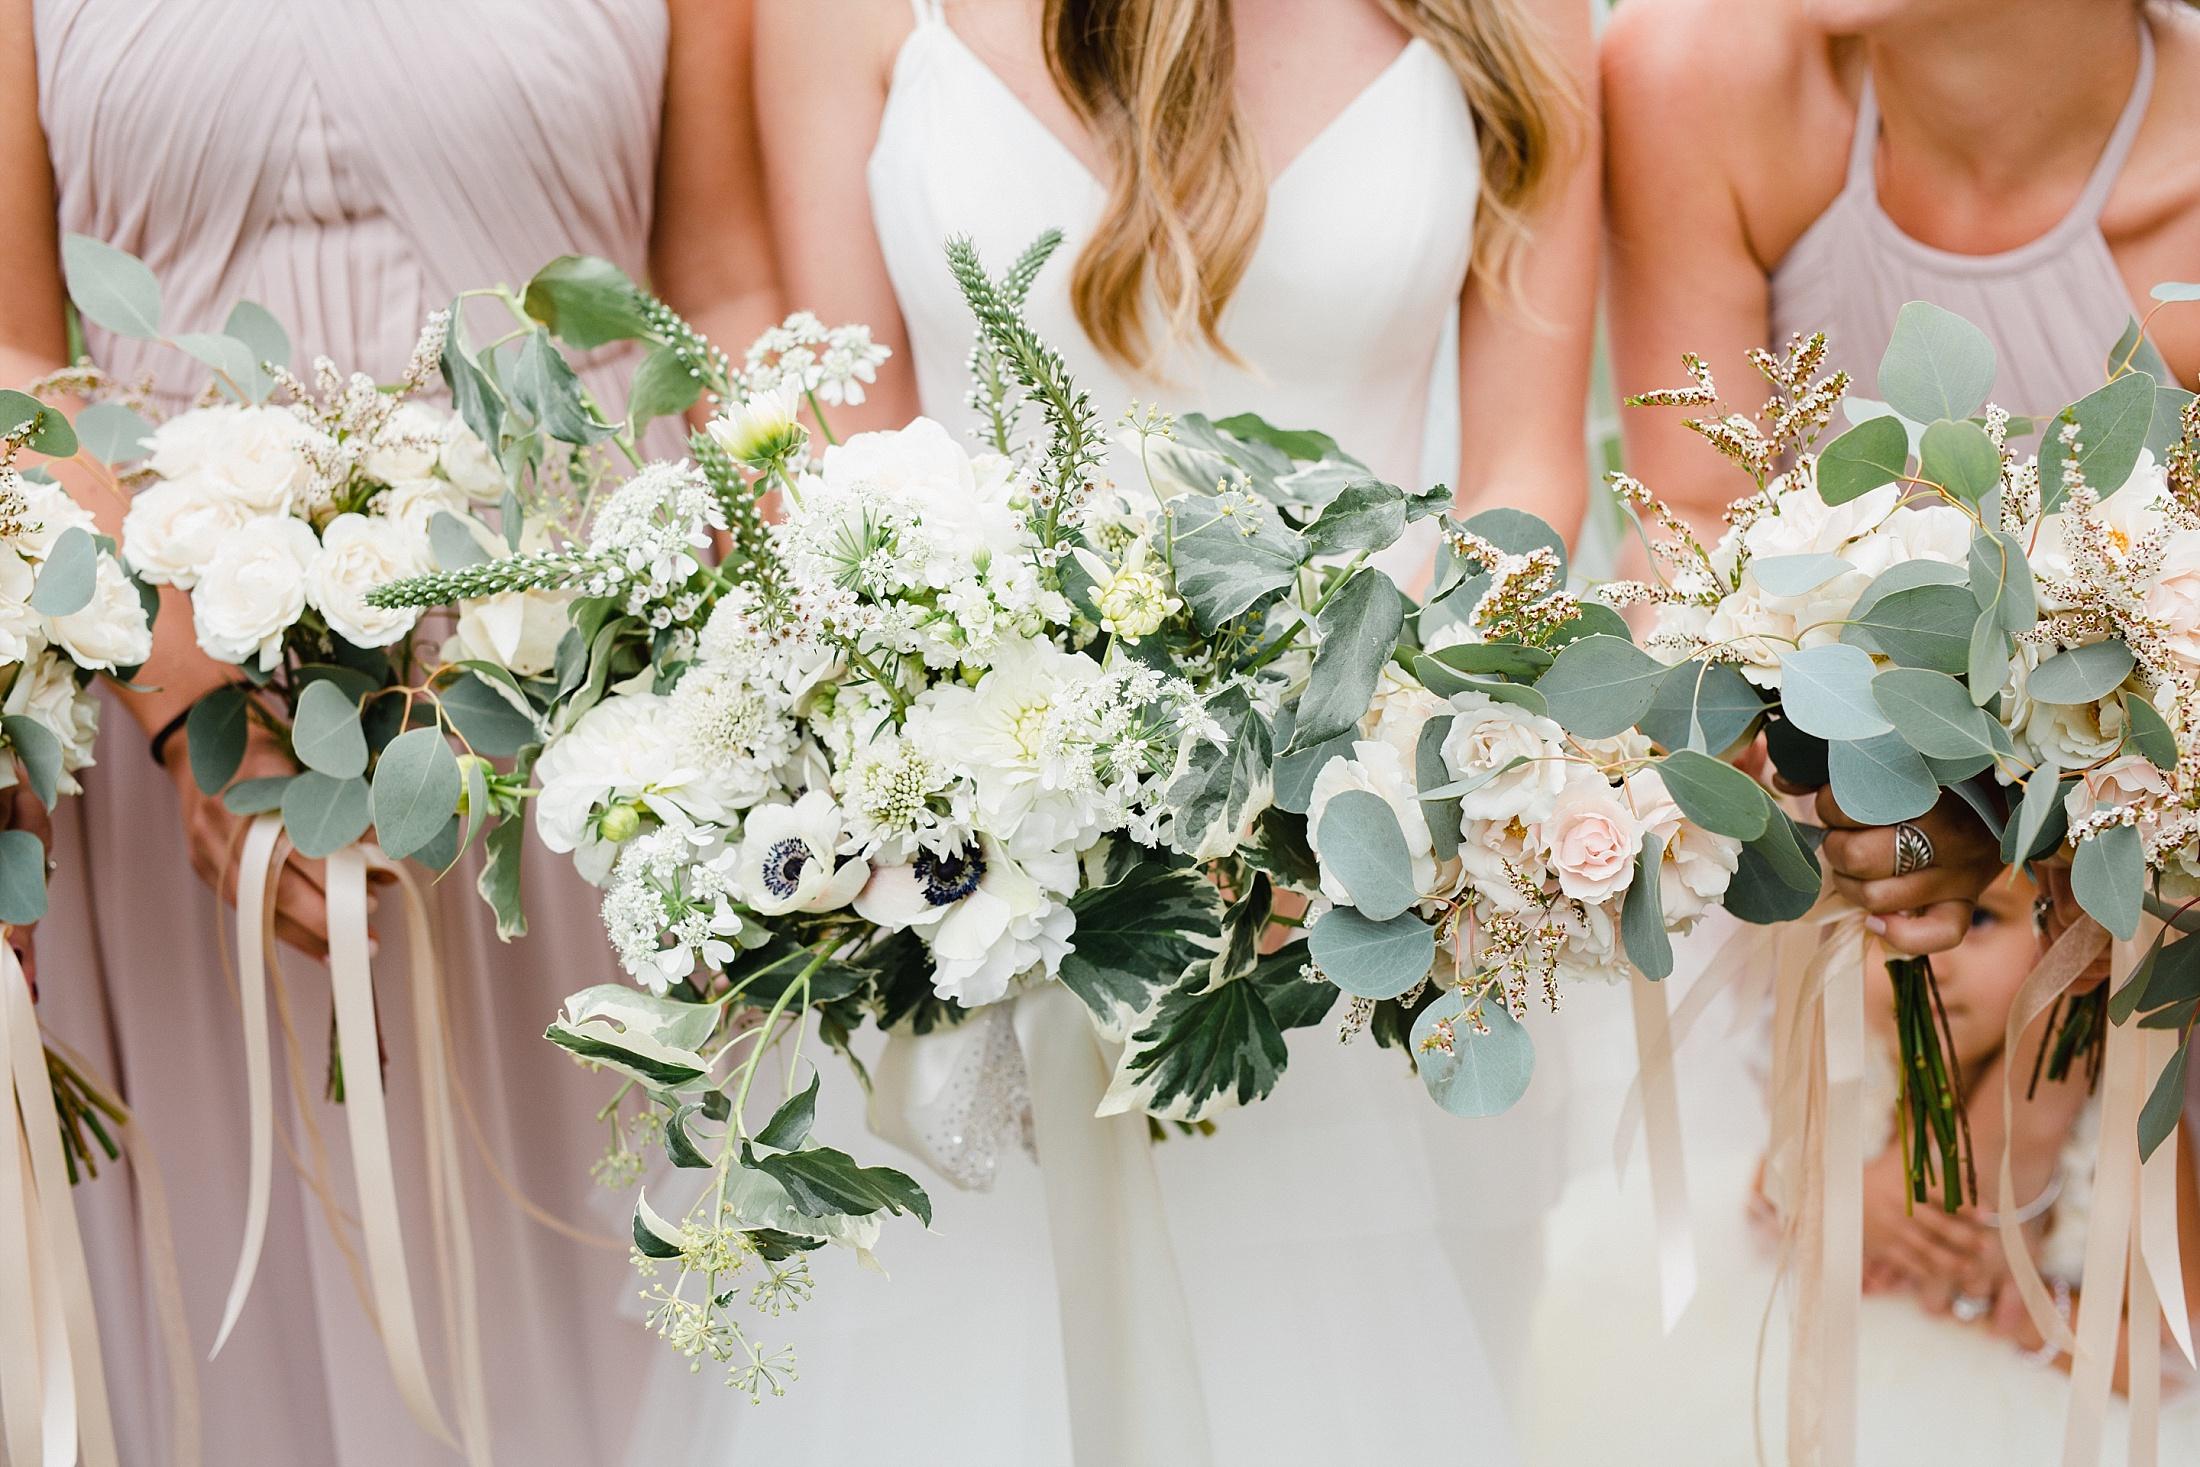 TiffanyJoyce-BloomMeadows-StephDylan-106_WEB.jpg